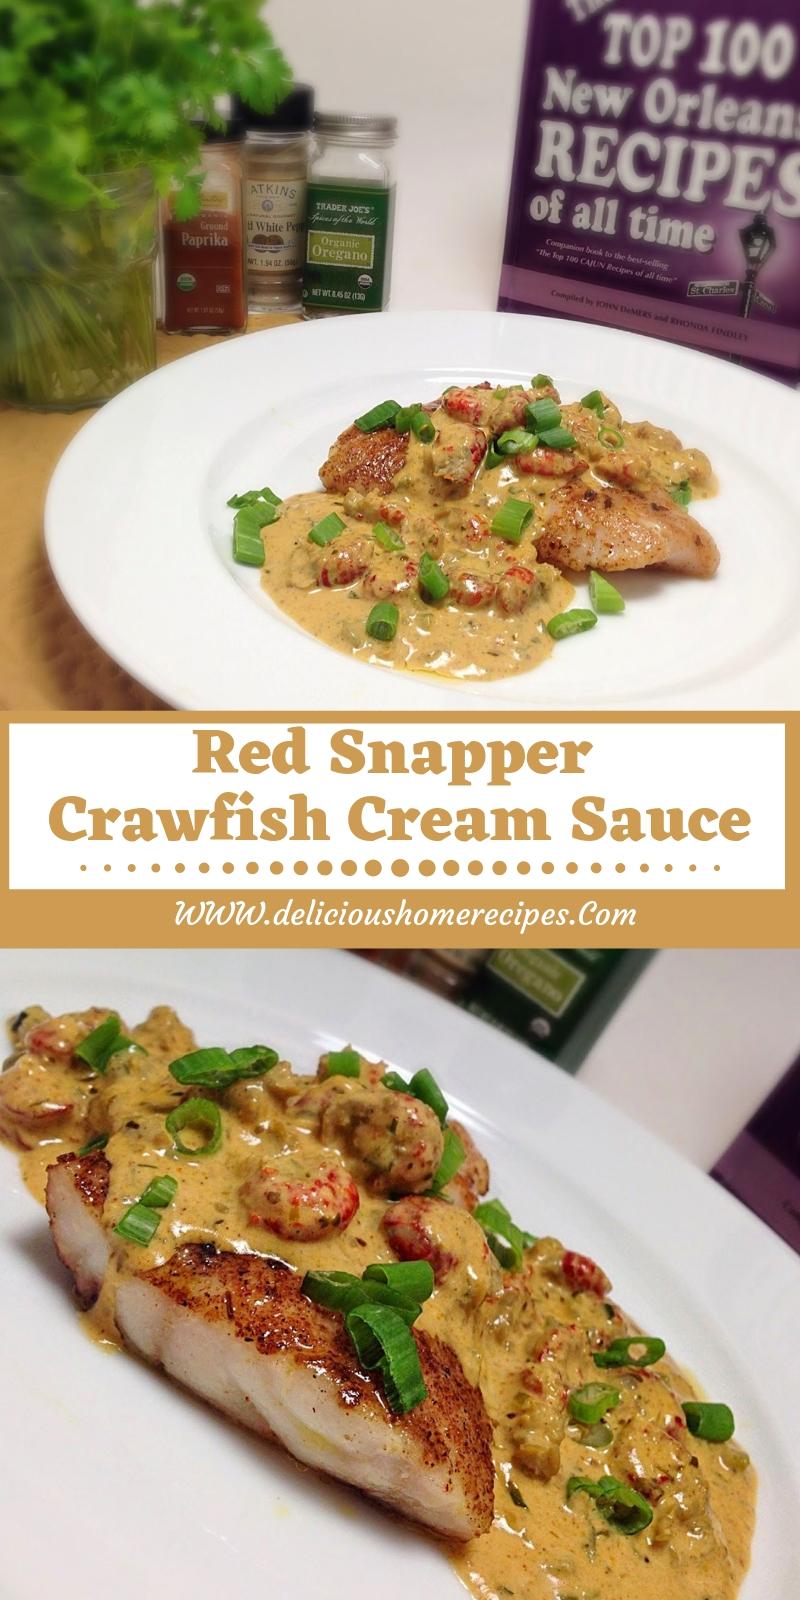 Red Snapper Crawfish Cream Sauce